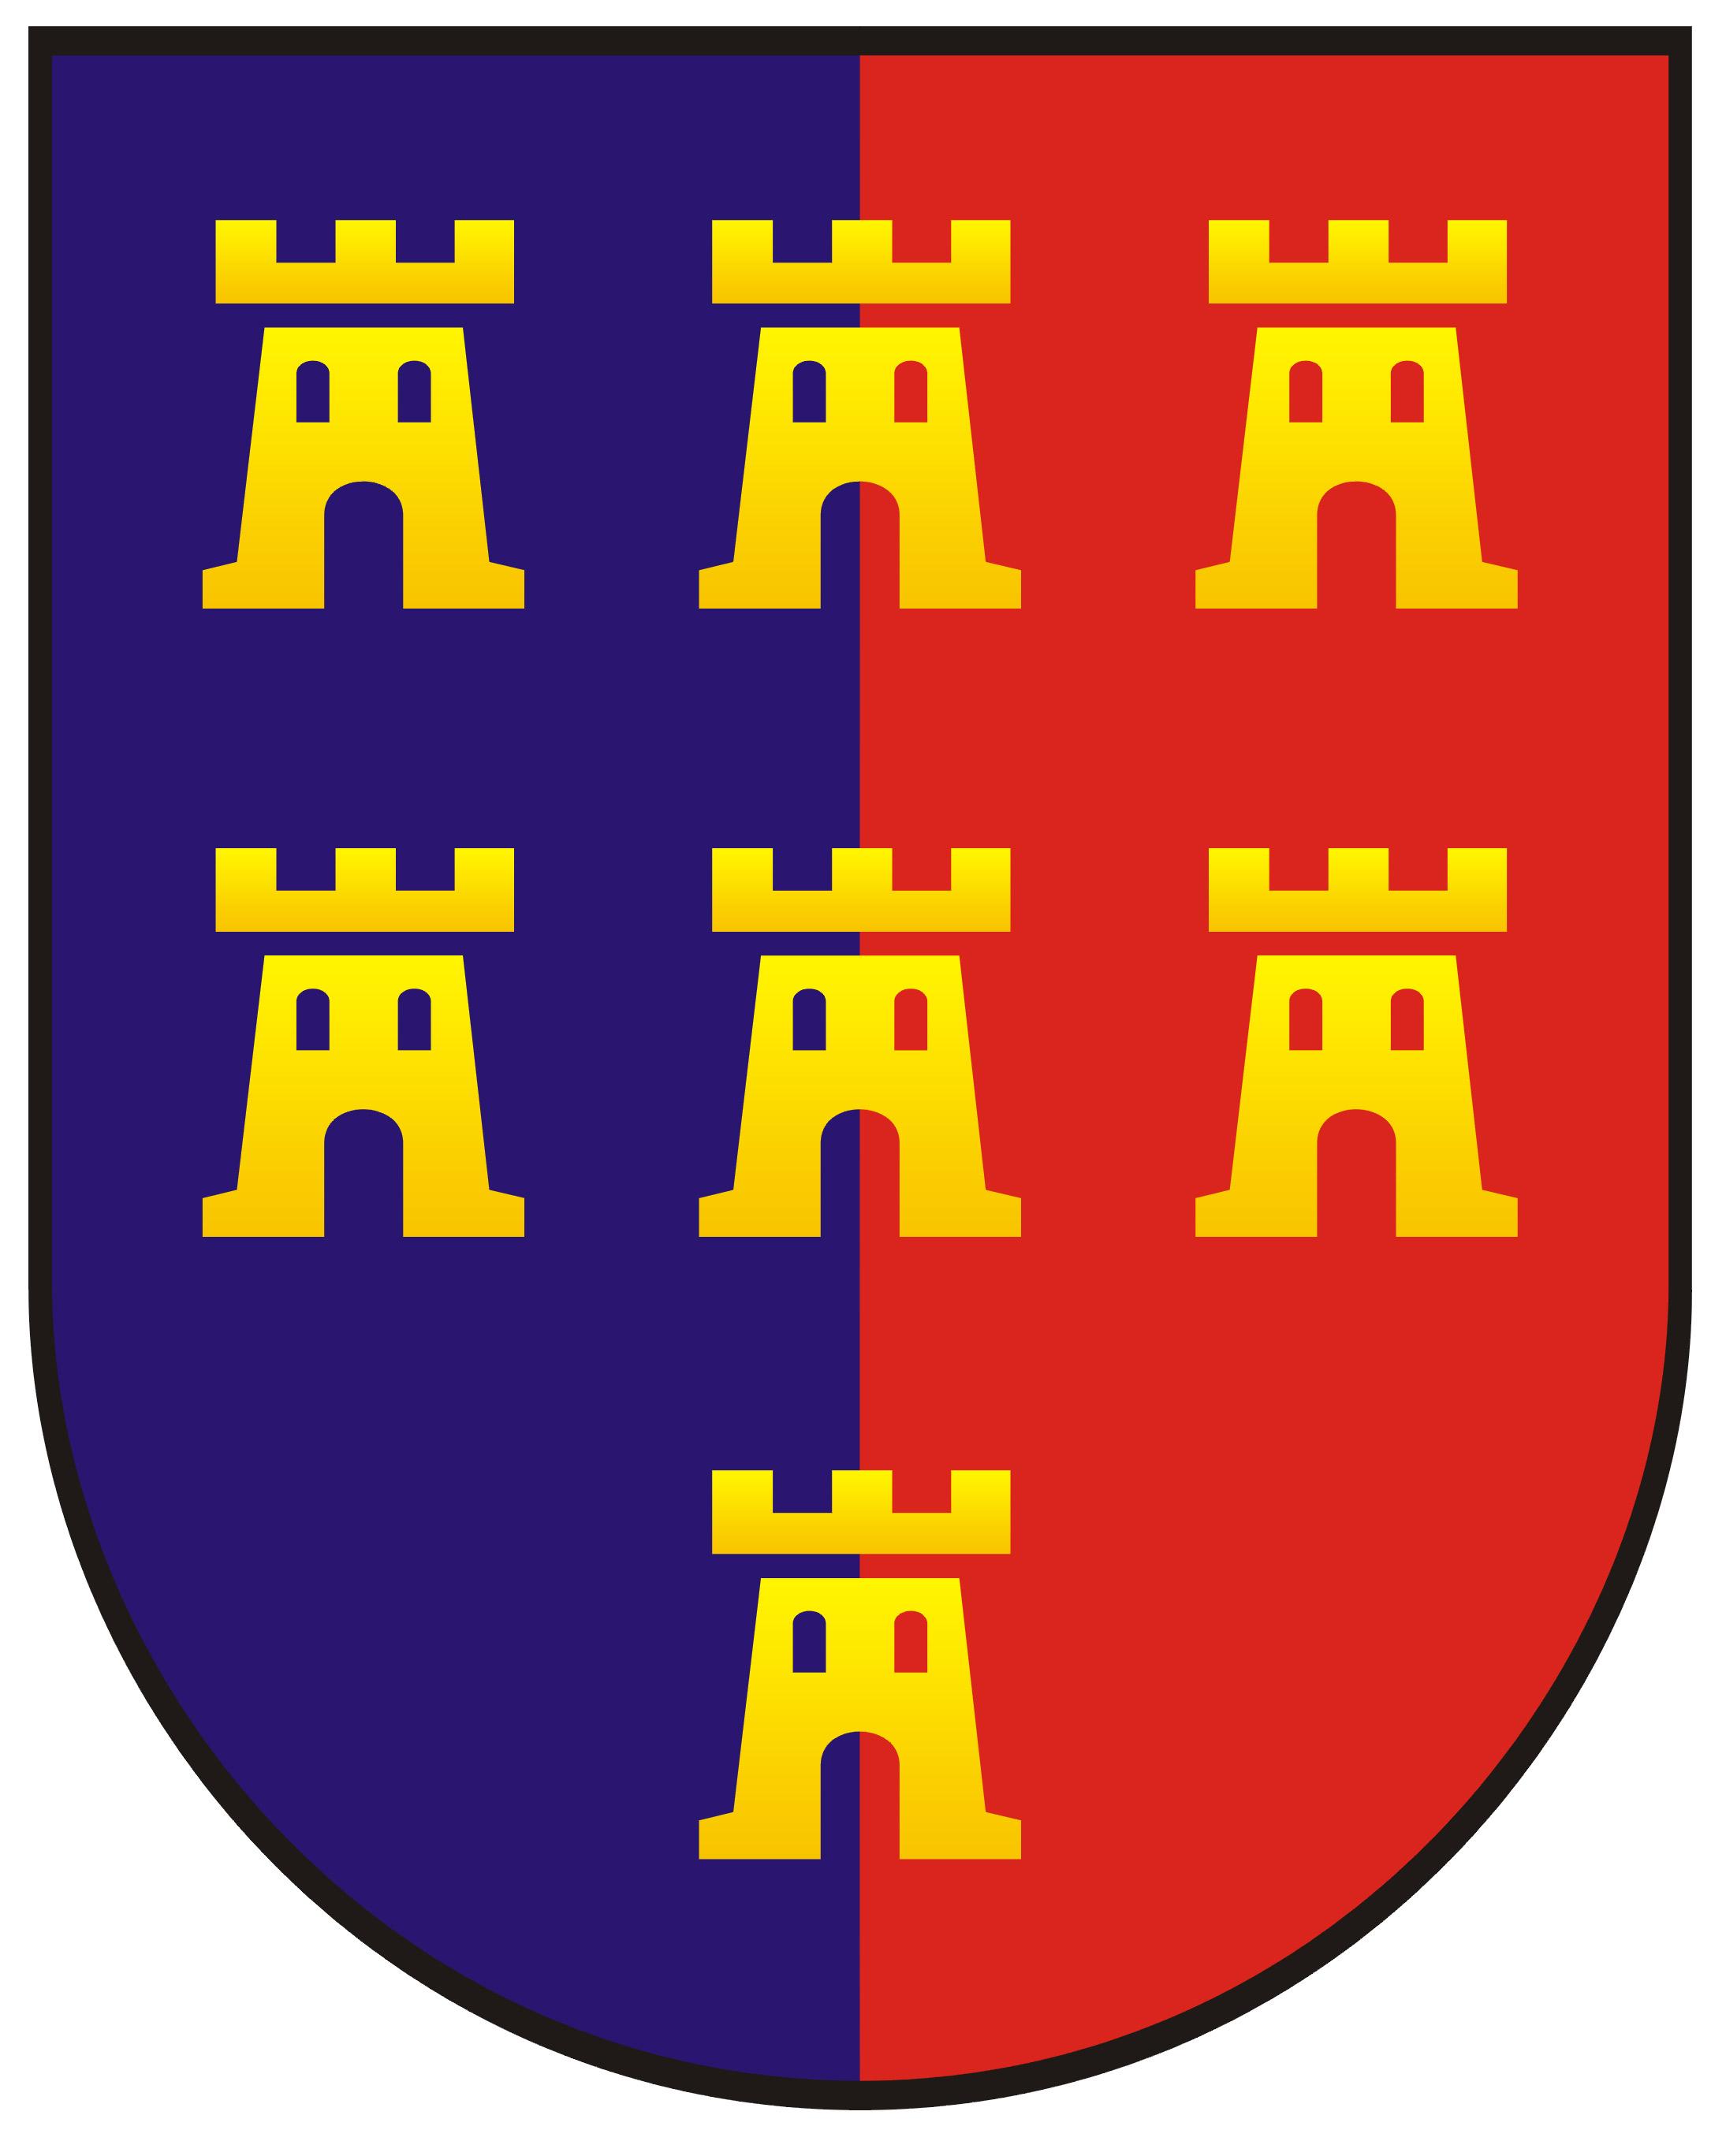 Verband der Siebenbürger Sachsen - Wappen, Aufkleber, T-Shirts ...